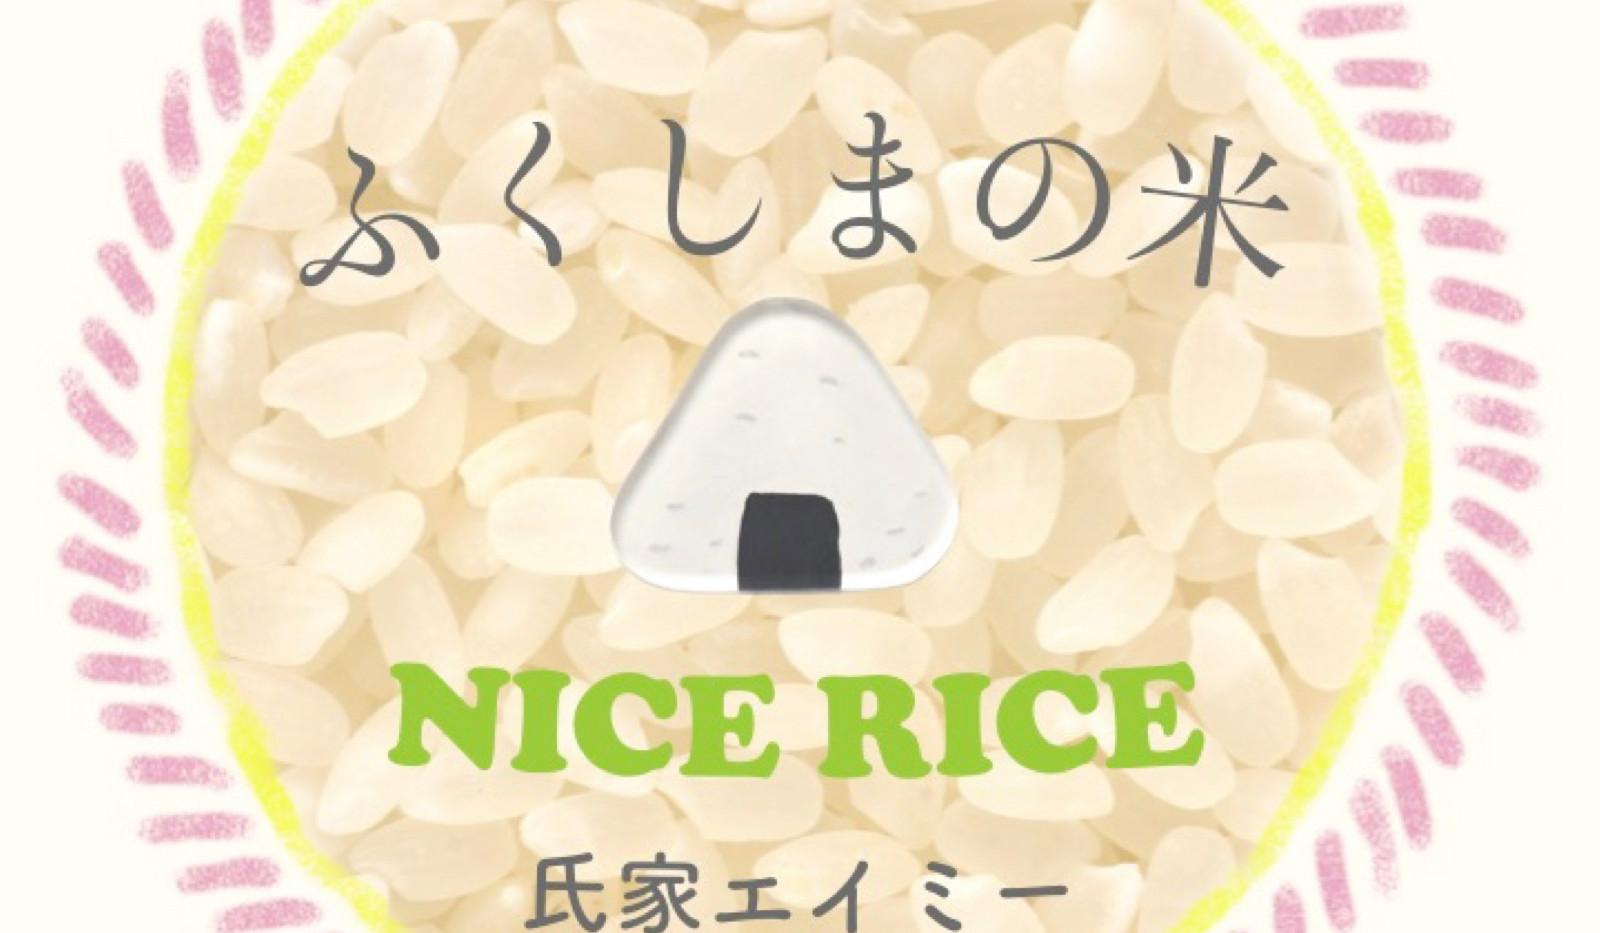 ふくしまの米 -Single